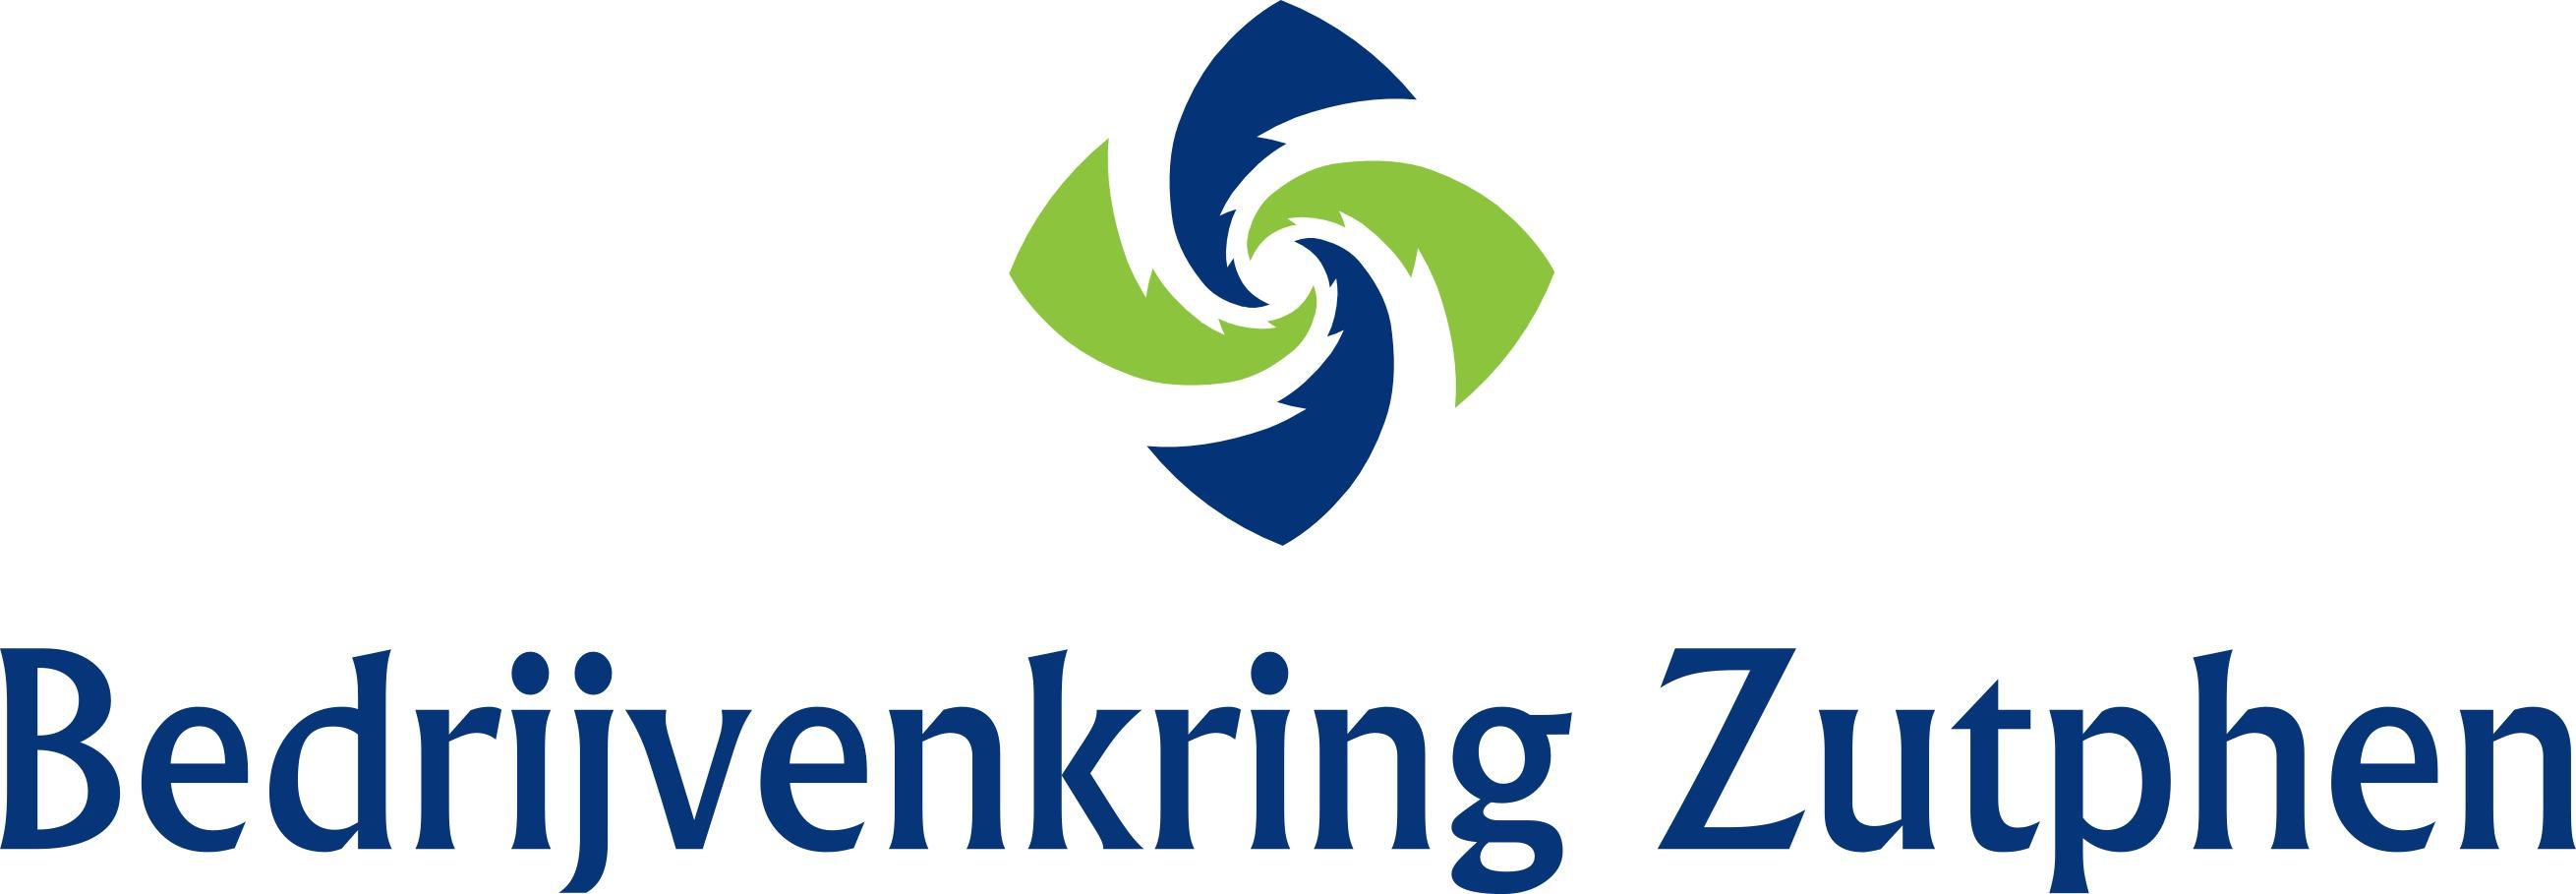 Bedrijvenkring Zutphen